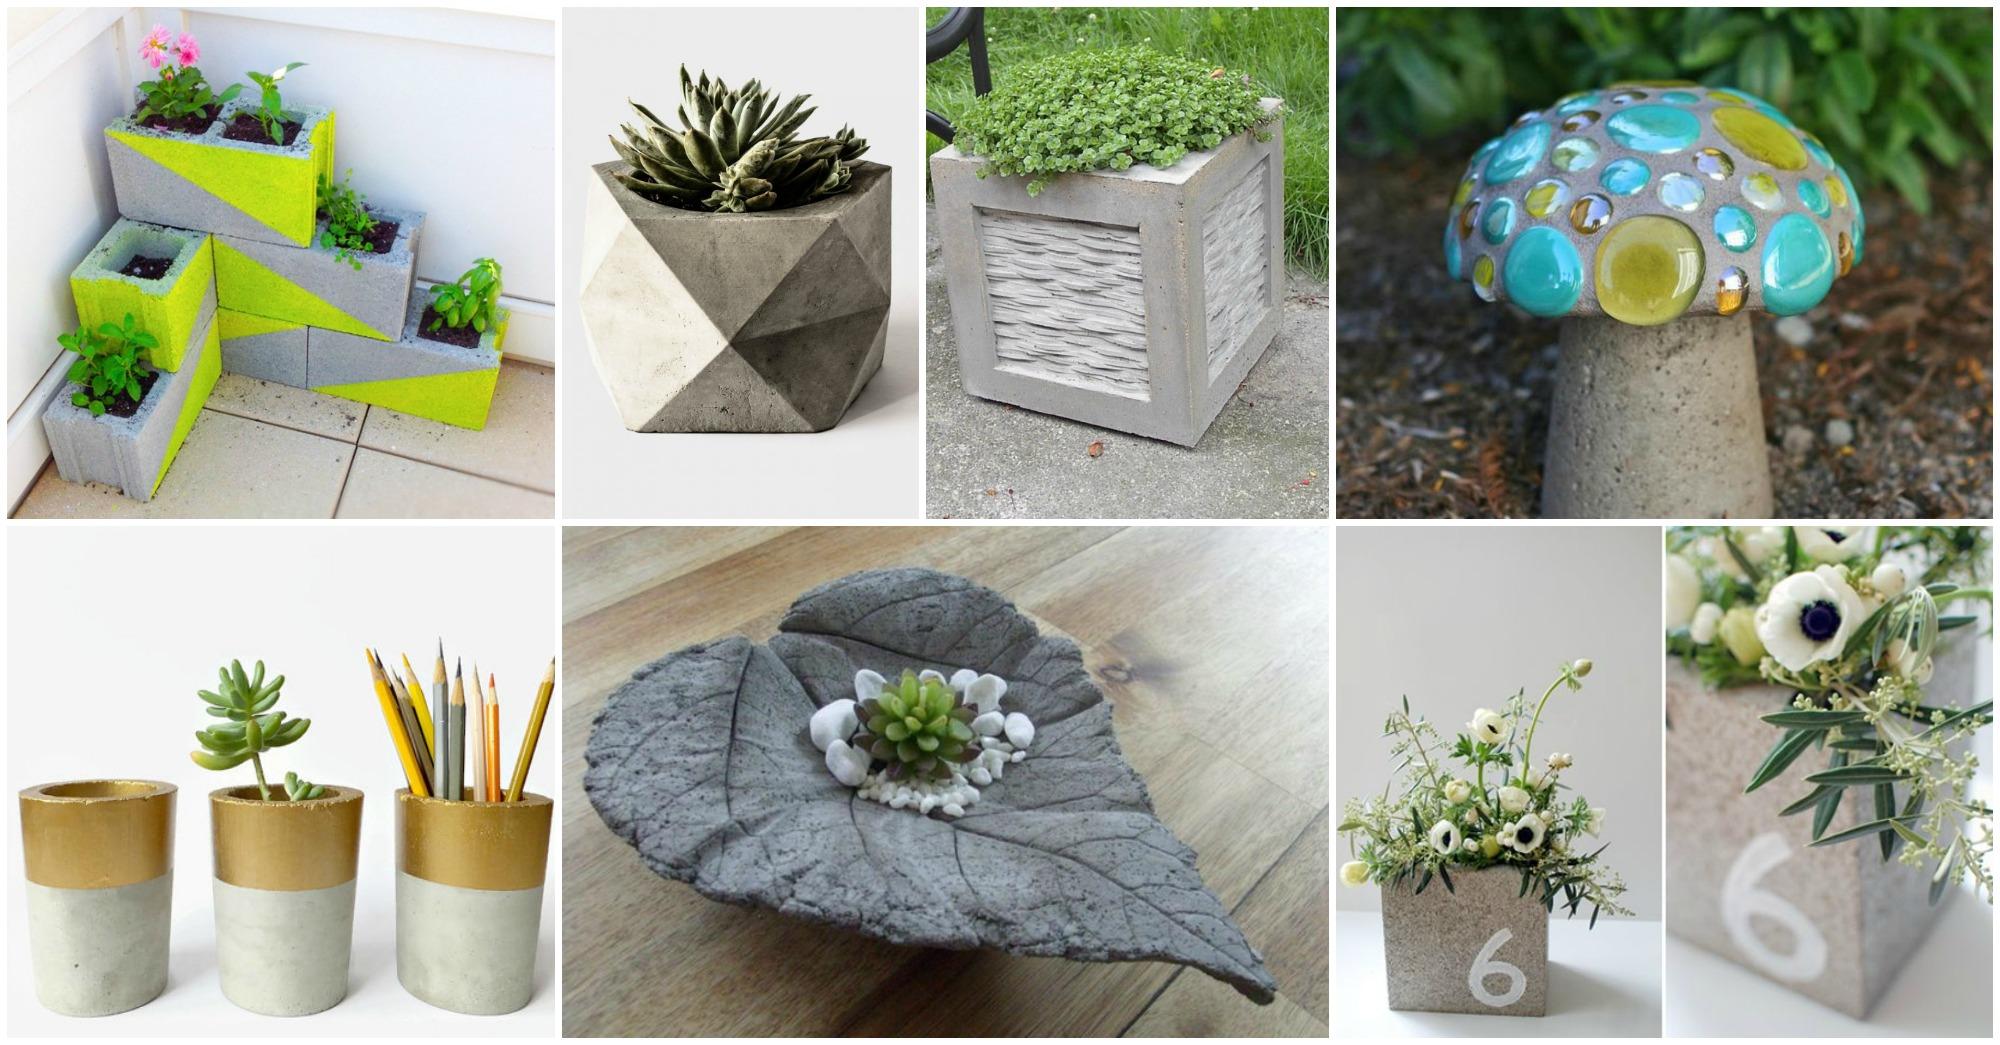 DIY Concrete Decor Ideas For Your Home and Garden on Diy Garden Decor  id=54111